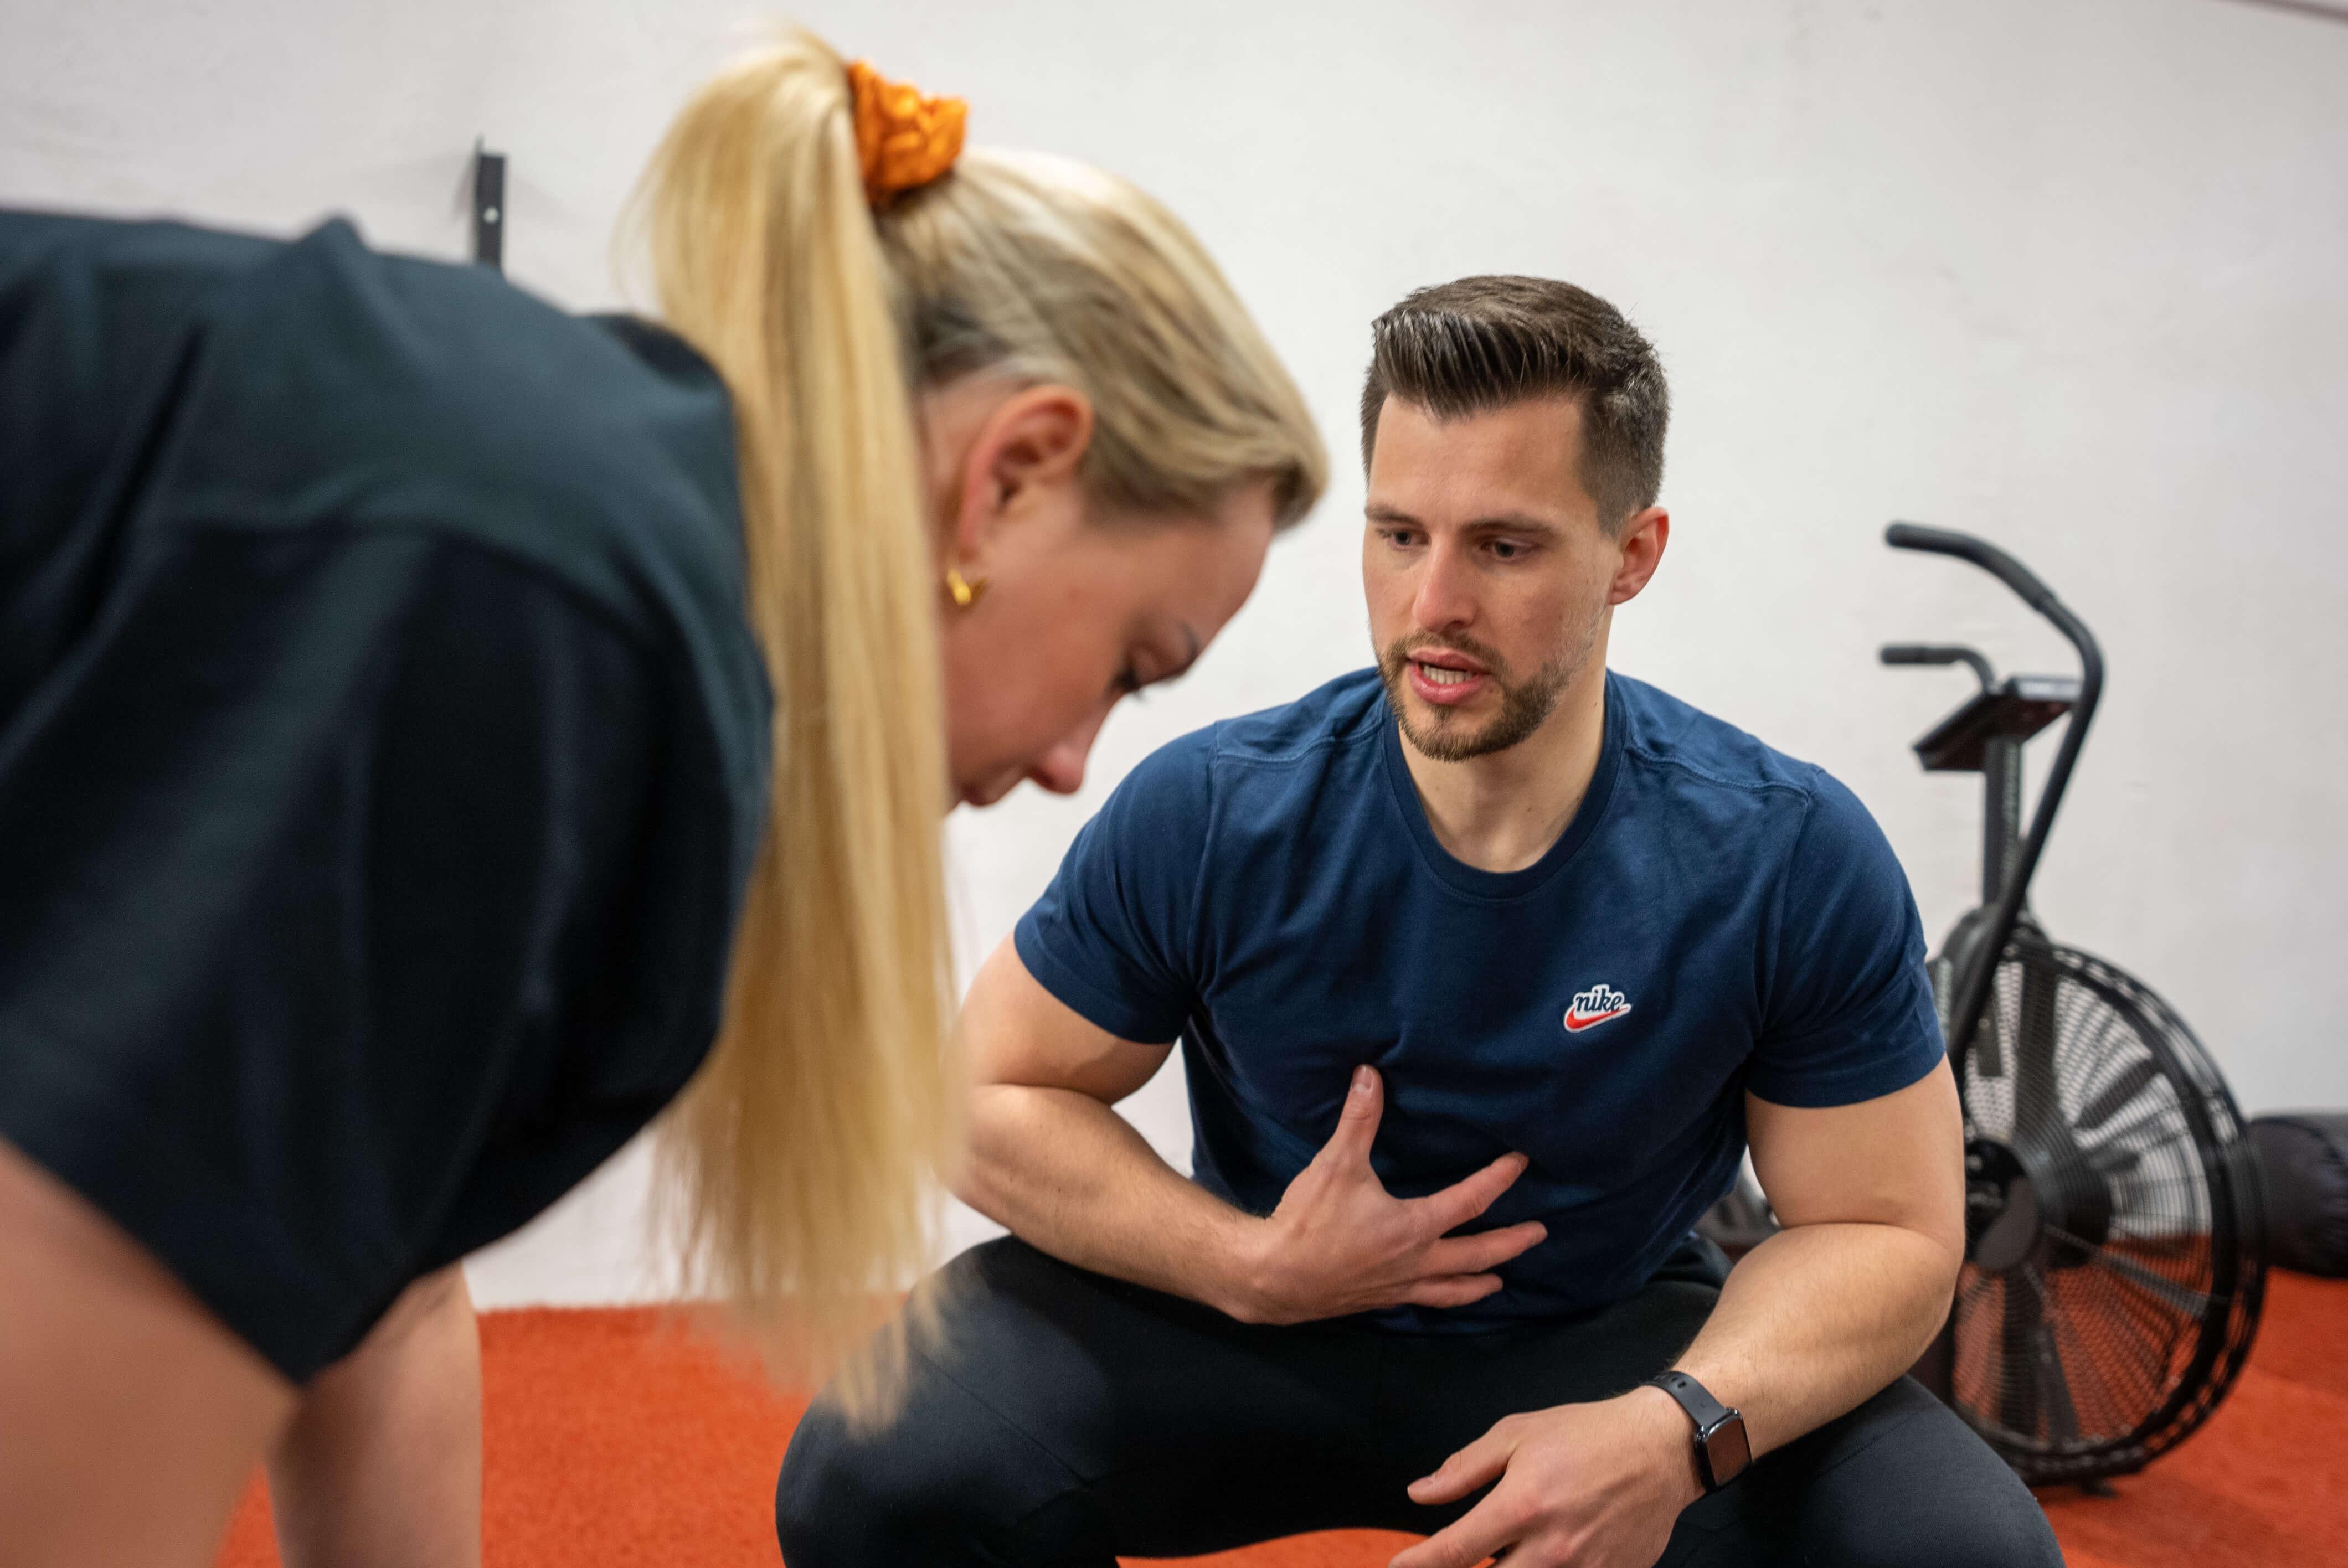 Jules geeft instructies aan een klant tijdens het deadliften